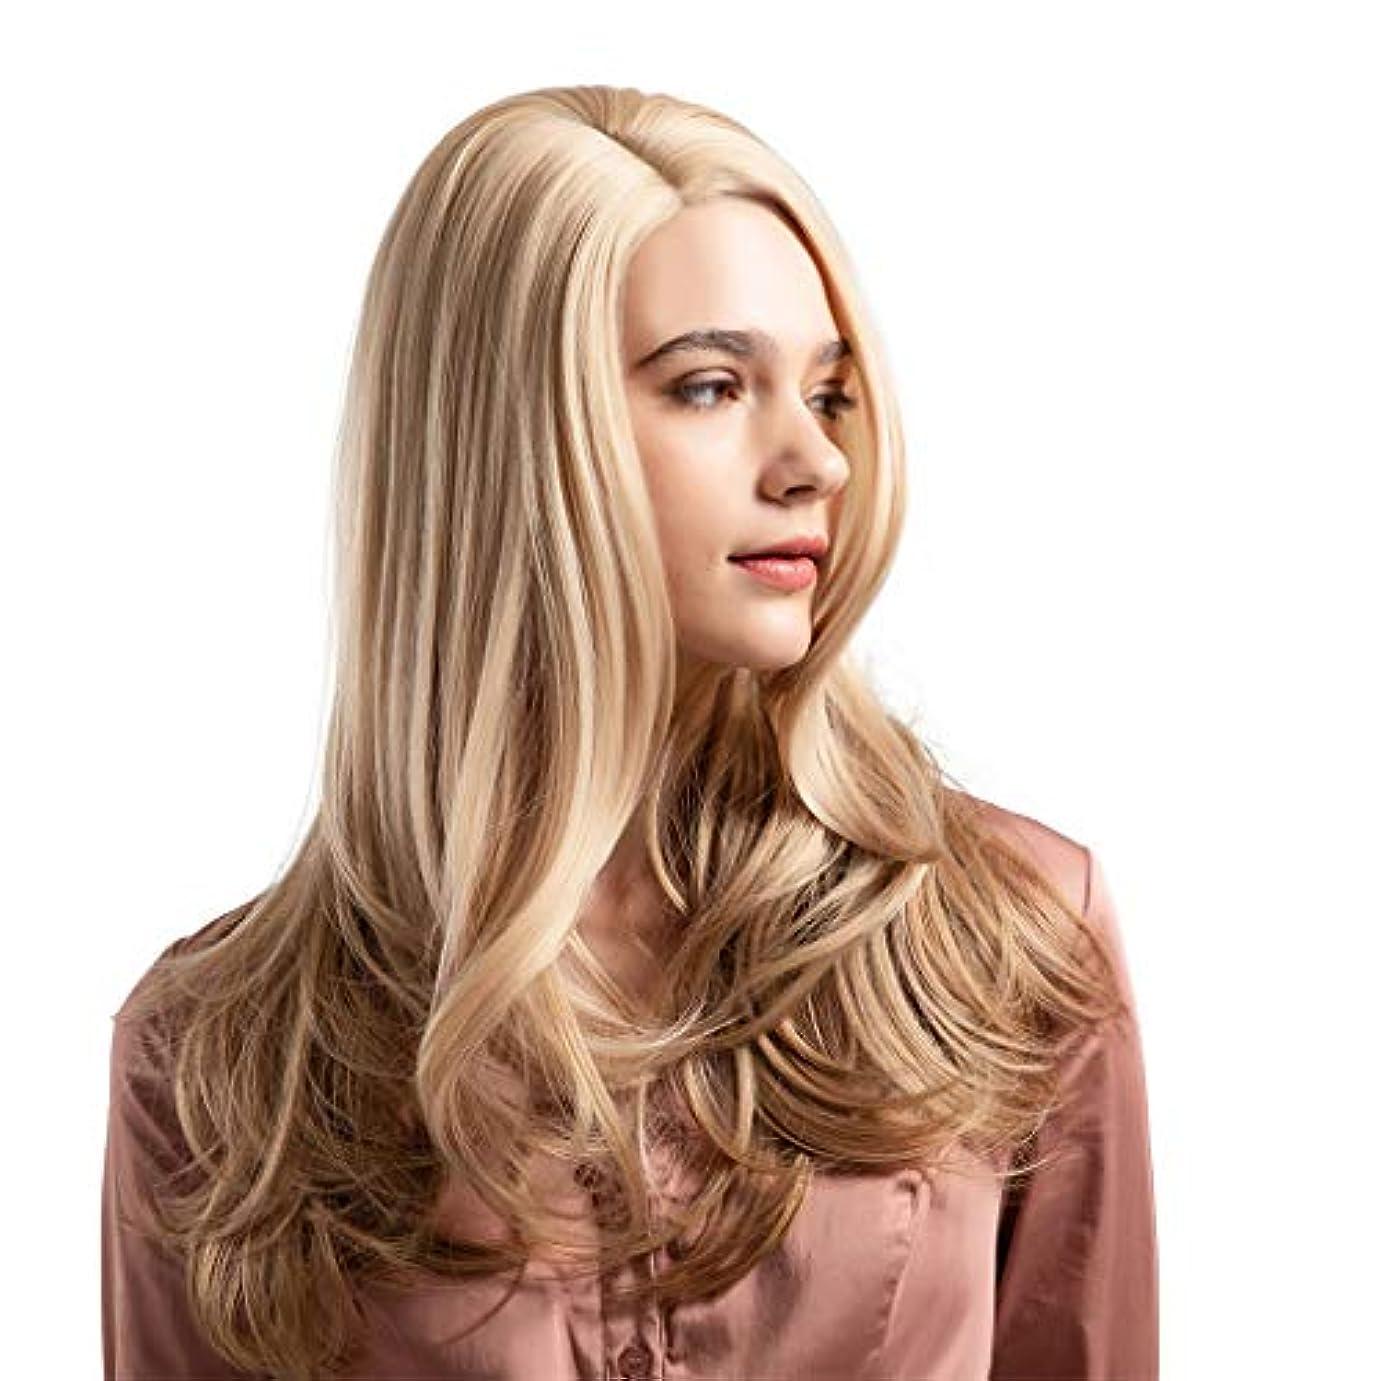 人種キャビン長老ウィッグ女性黄金の大きな波状の巻き毛の高温シルクウィッグ22インチ